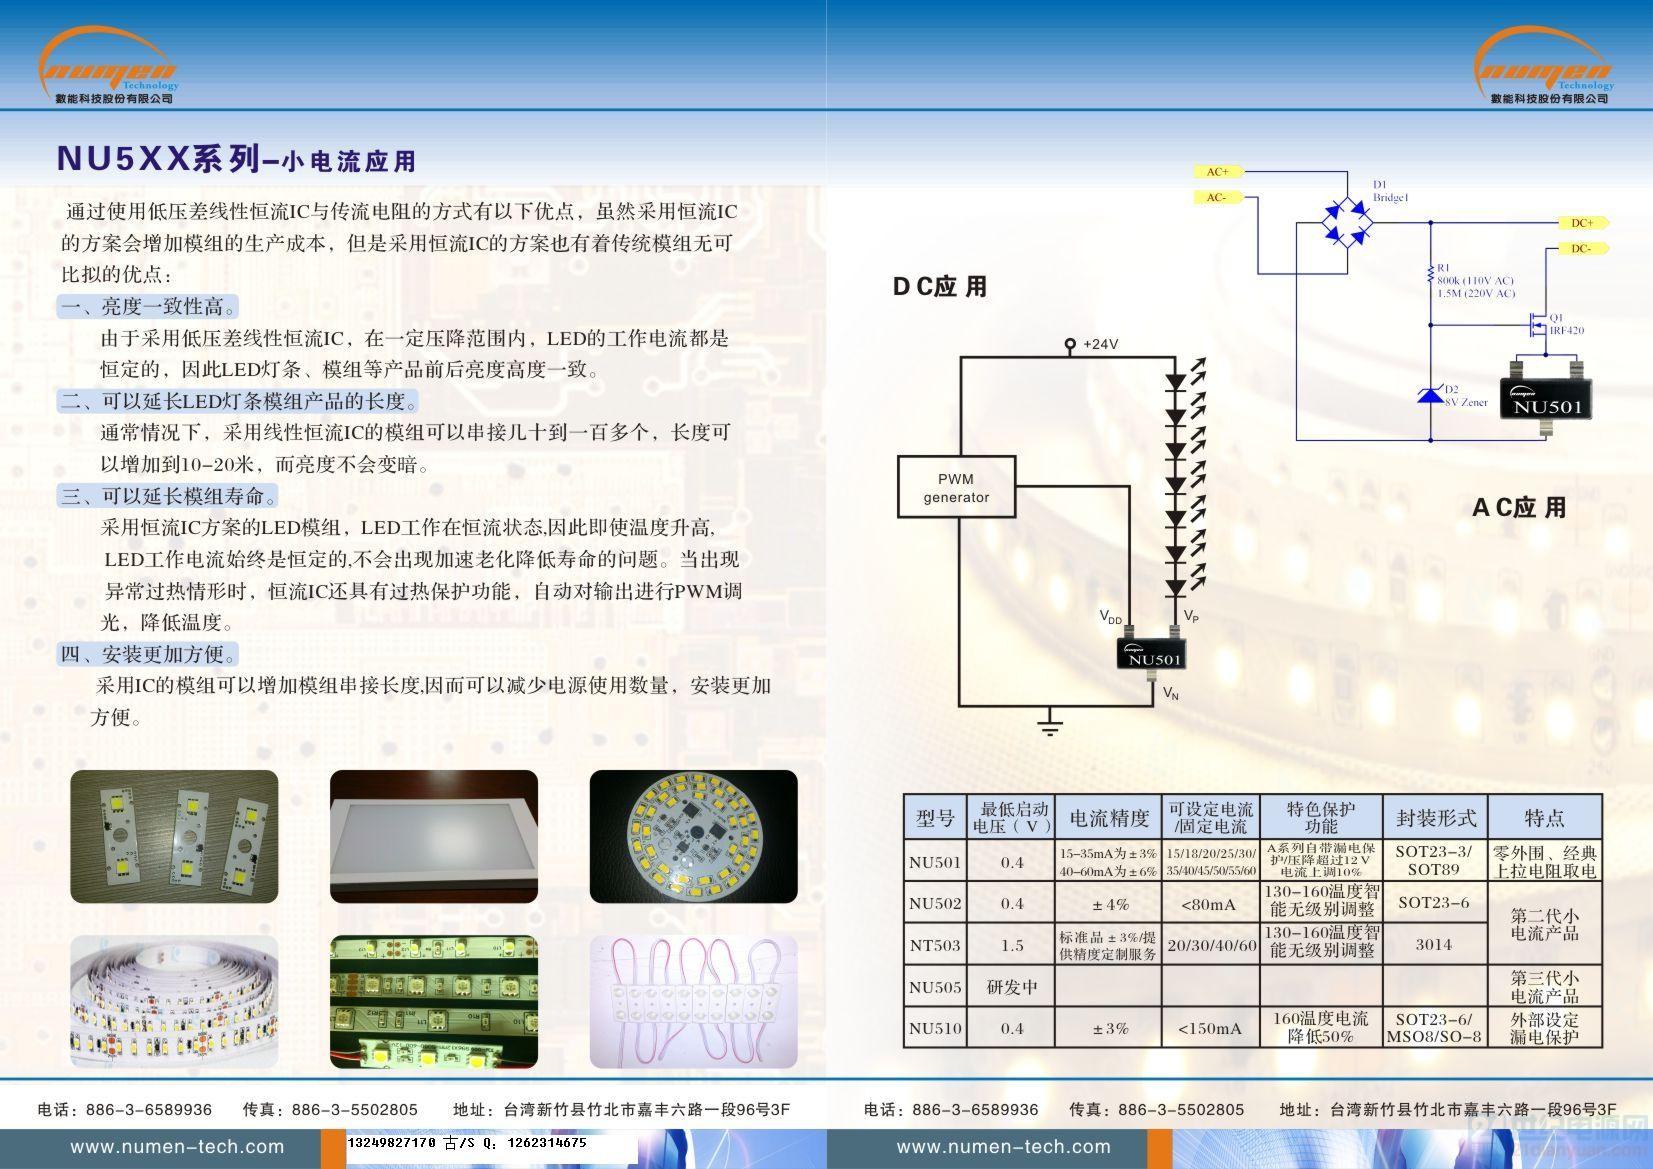 数能科技公司NU501系列产品应用彩页03.jpg